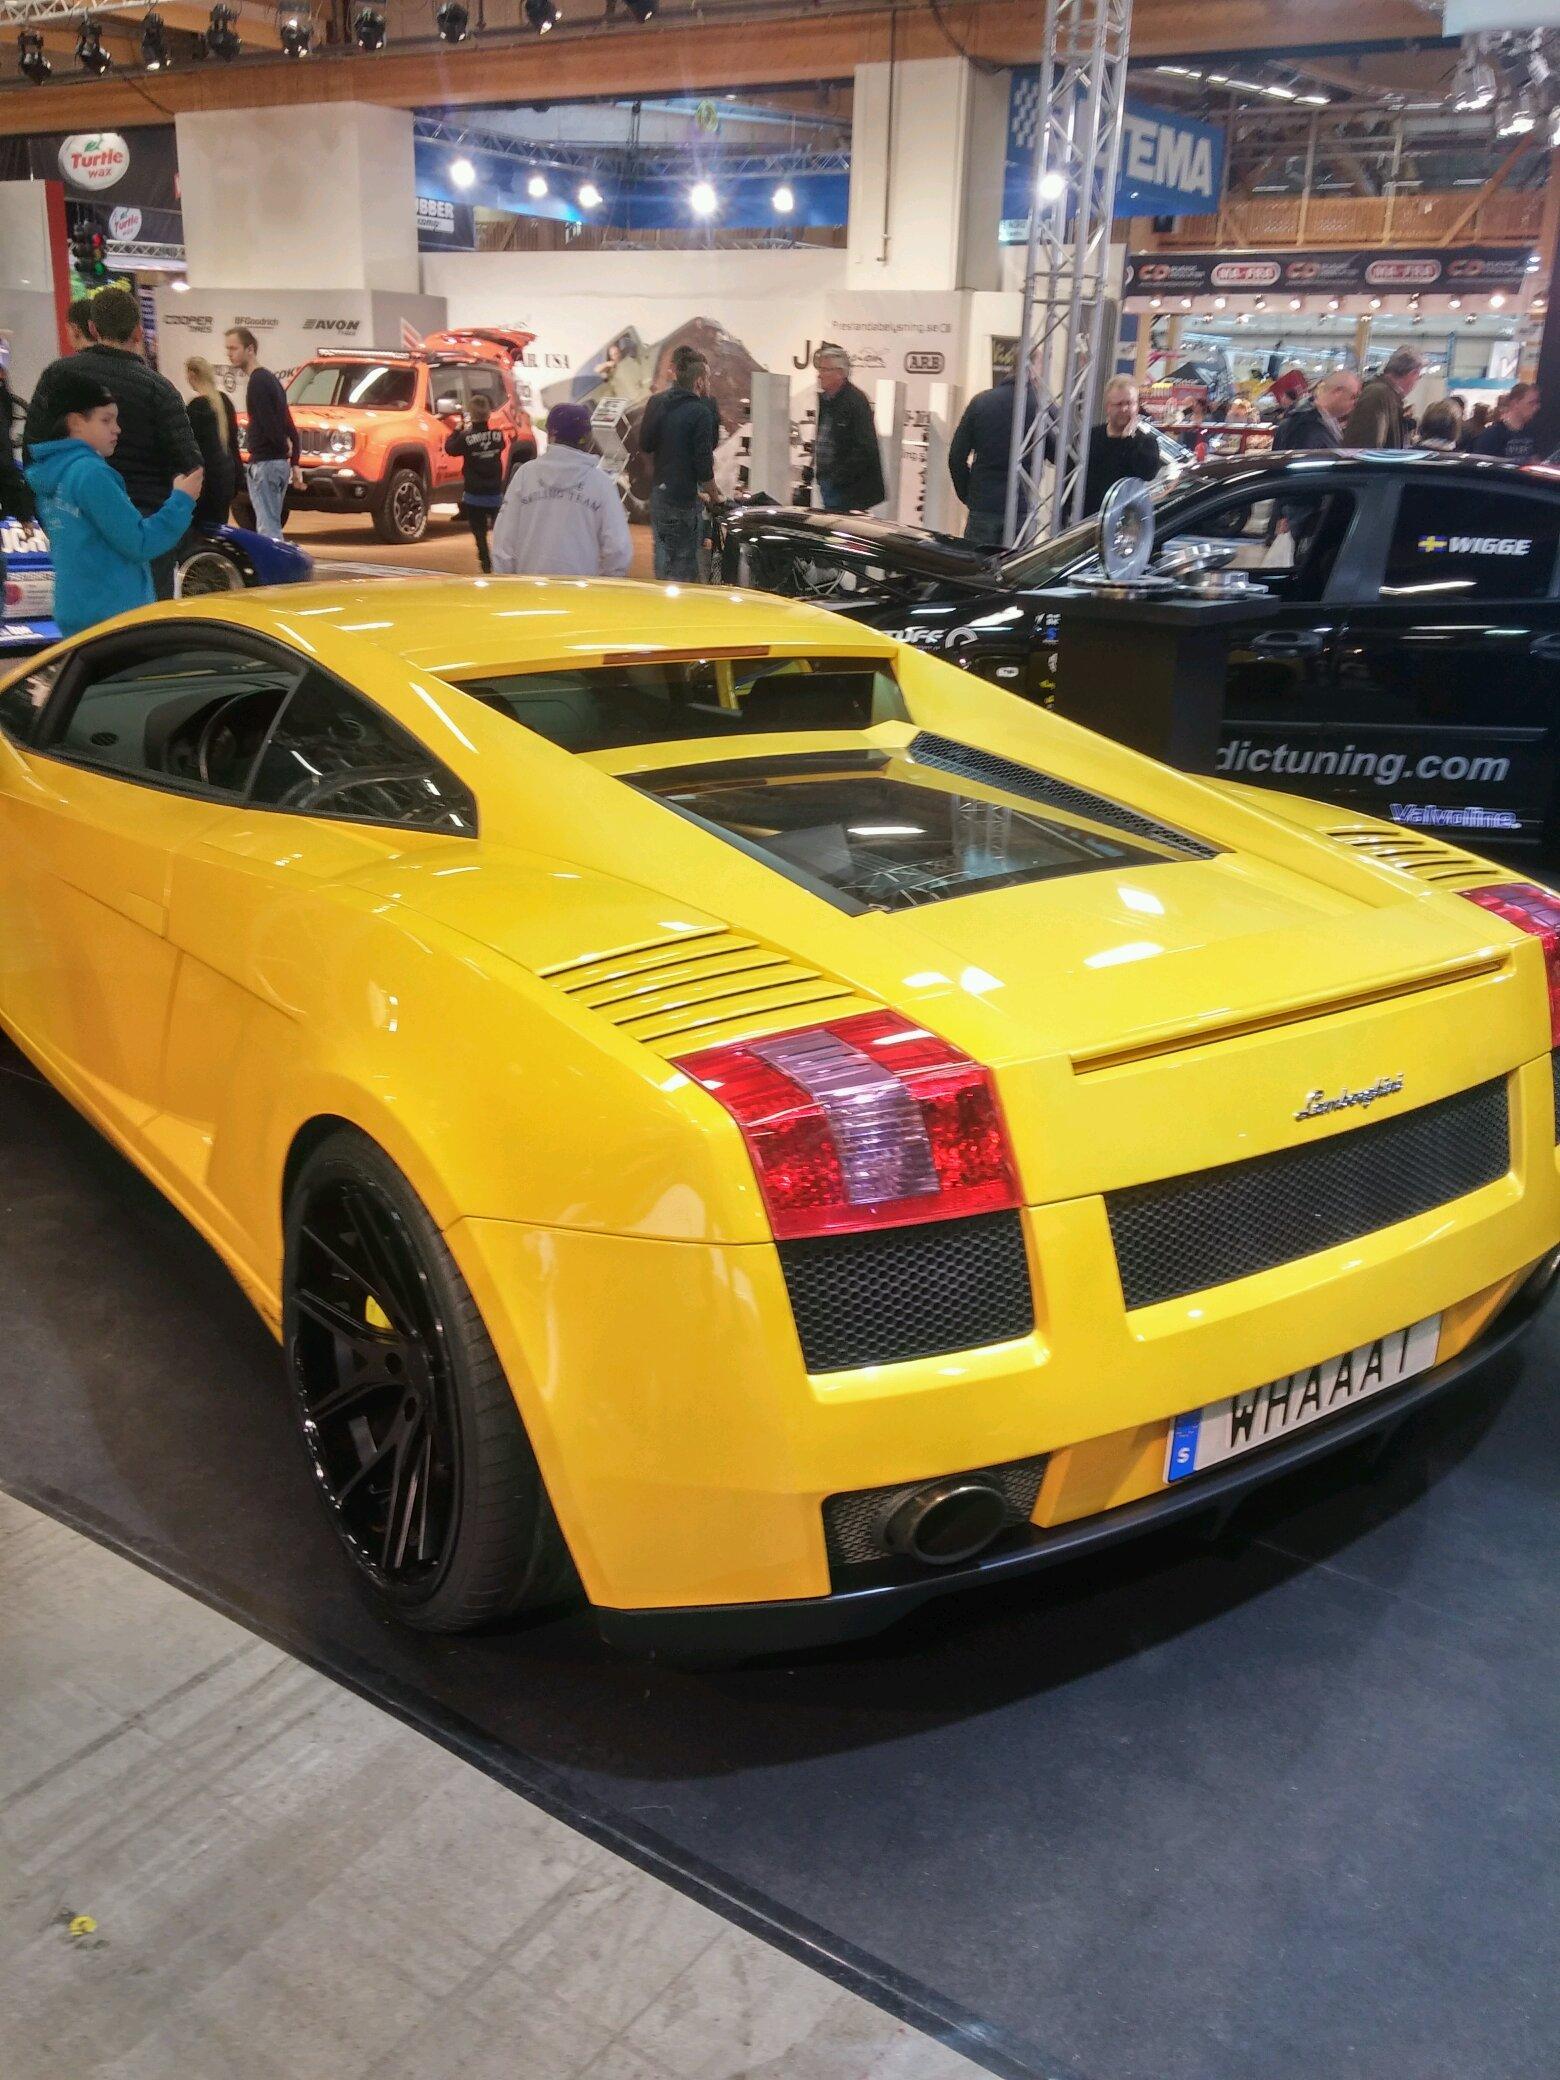 Super hot cars at elmia motorsport show WHAAAT!